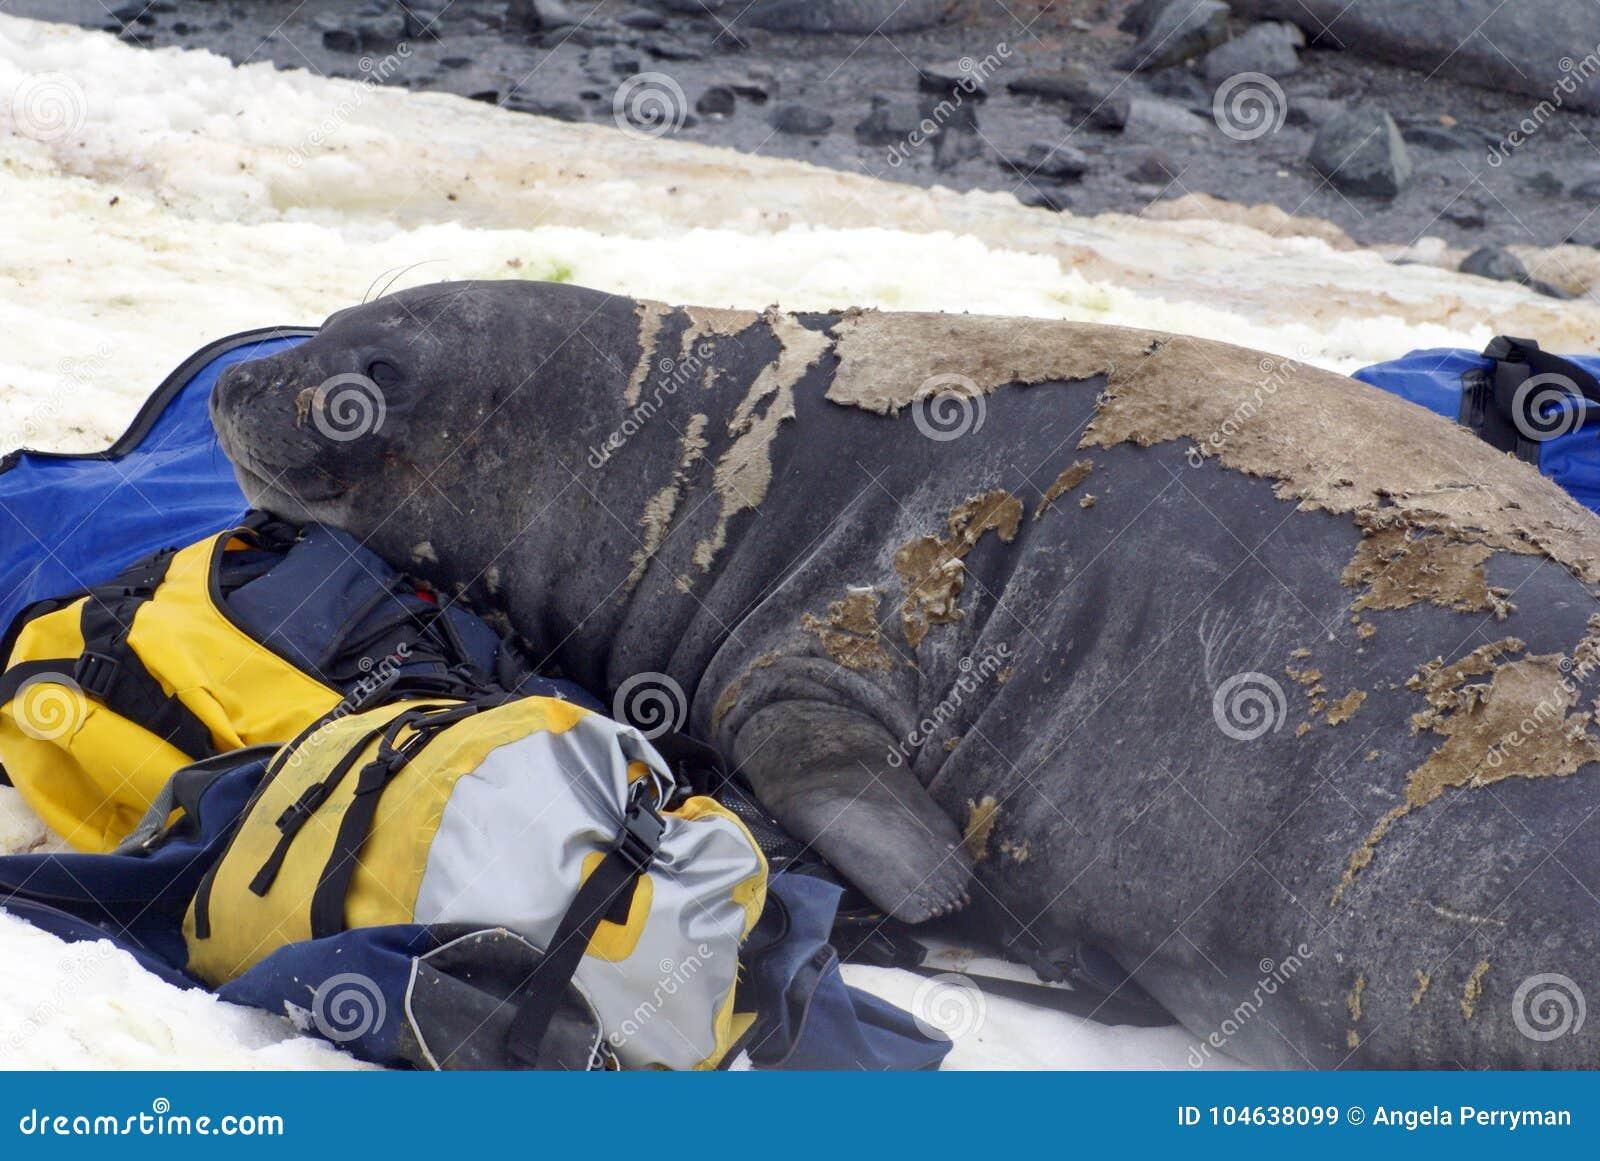 Sello de elefante joven en una muda en los petates